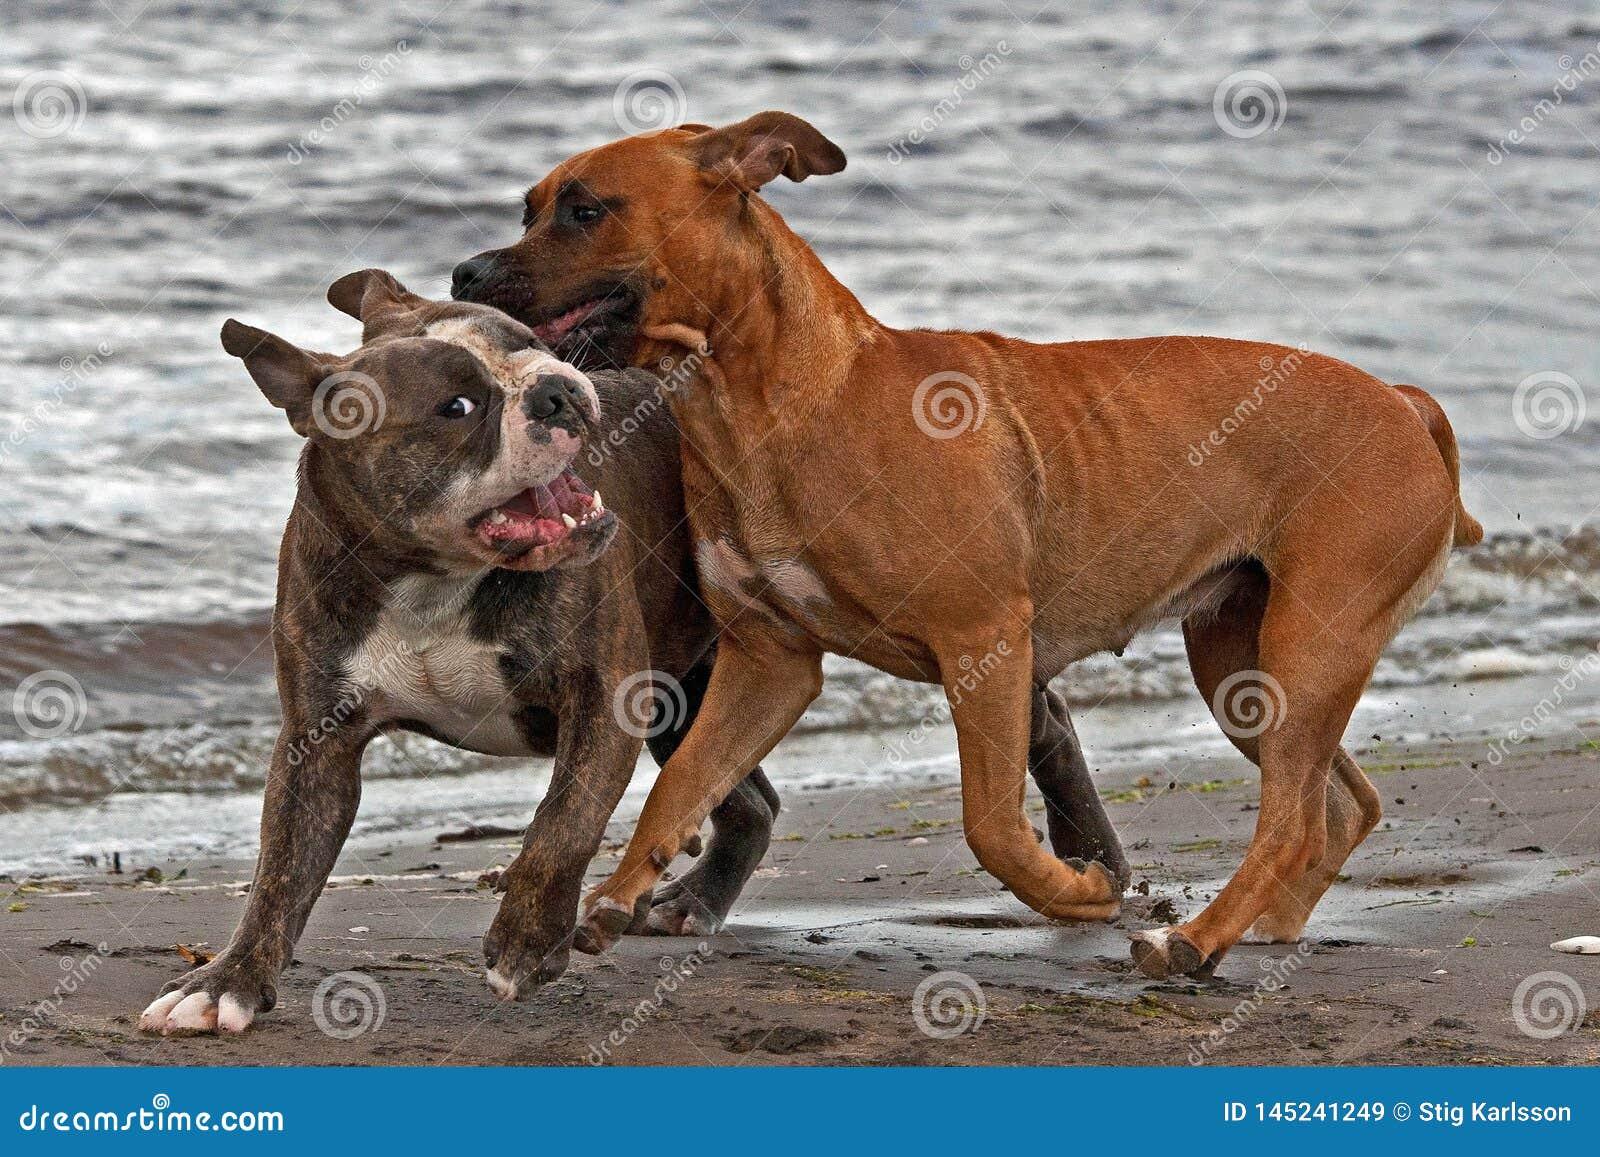 Bulldogge und amerikanisches Staffordshire-Terrierspiel auf Strand